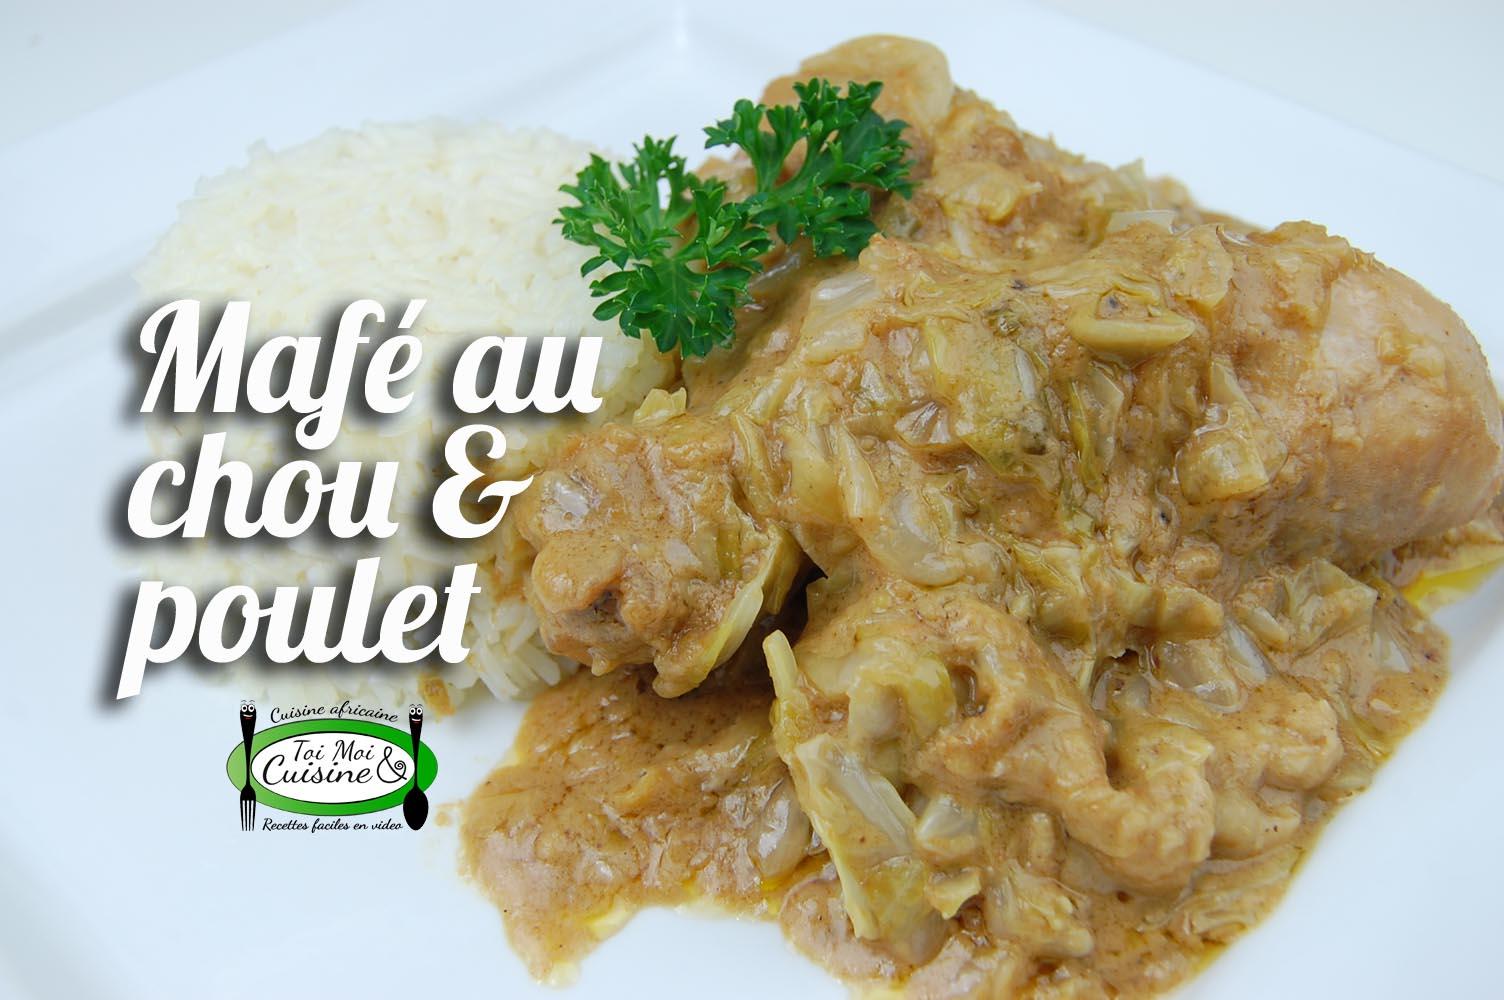 Maf arachide au chou et poulet tchop afrik 39 a cuisine - Cuisine africaine facile ...